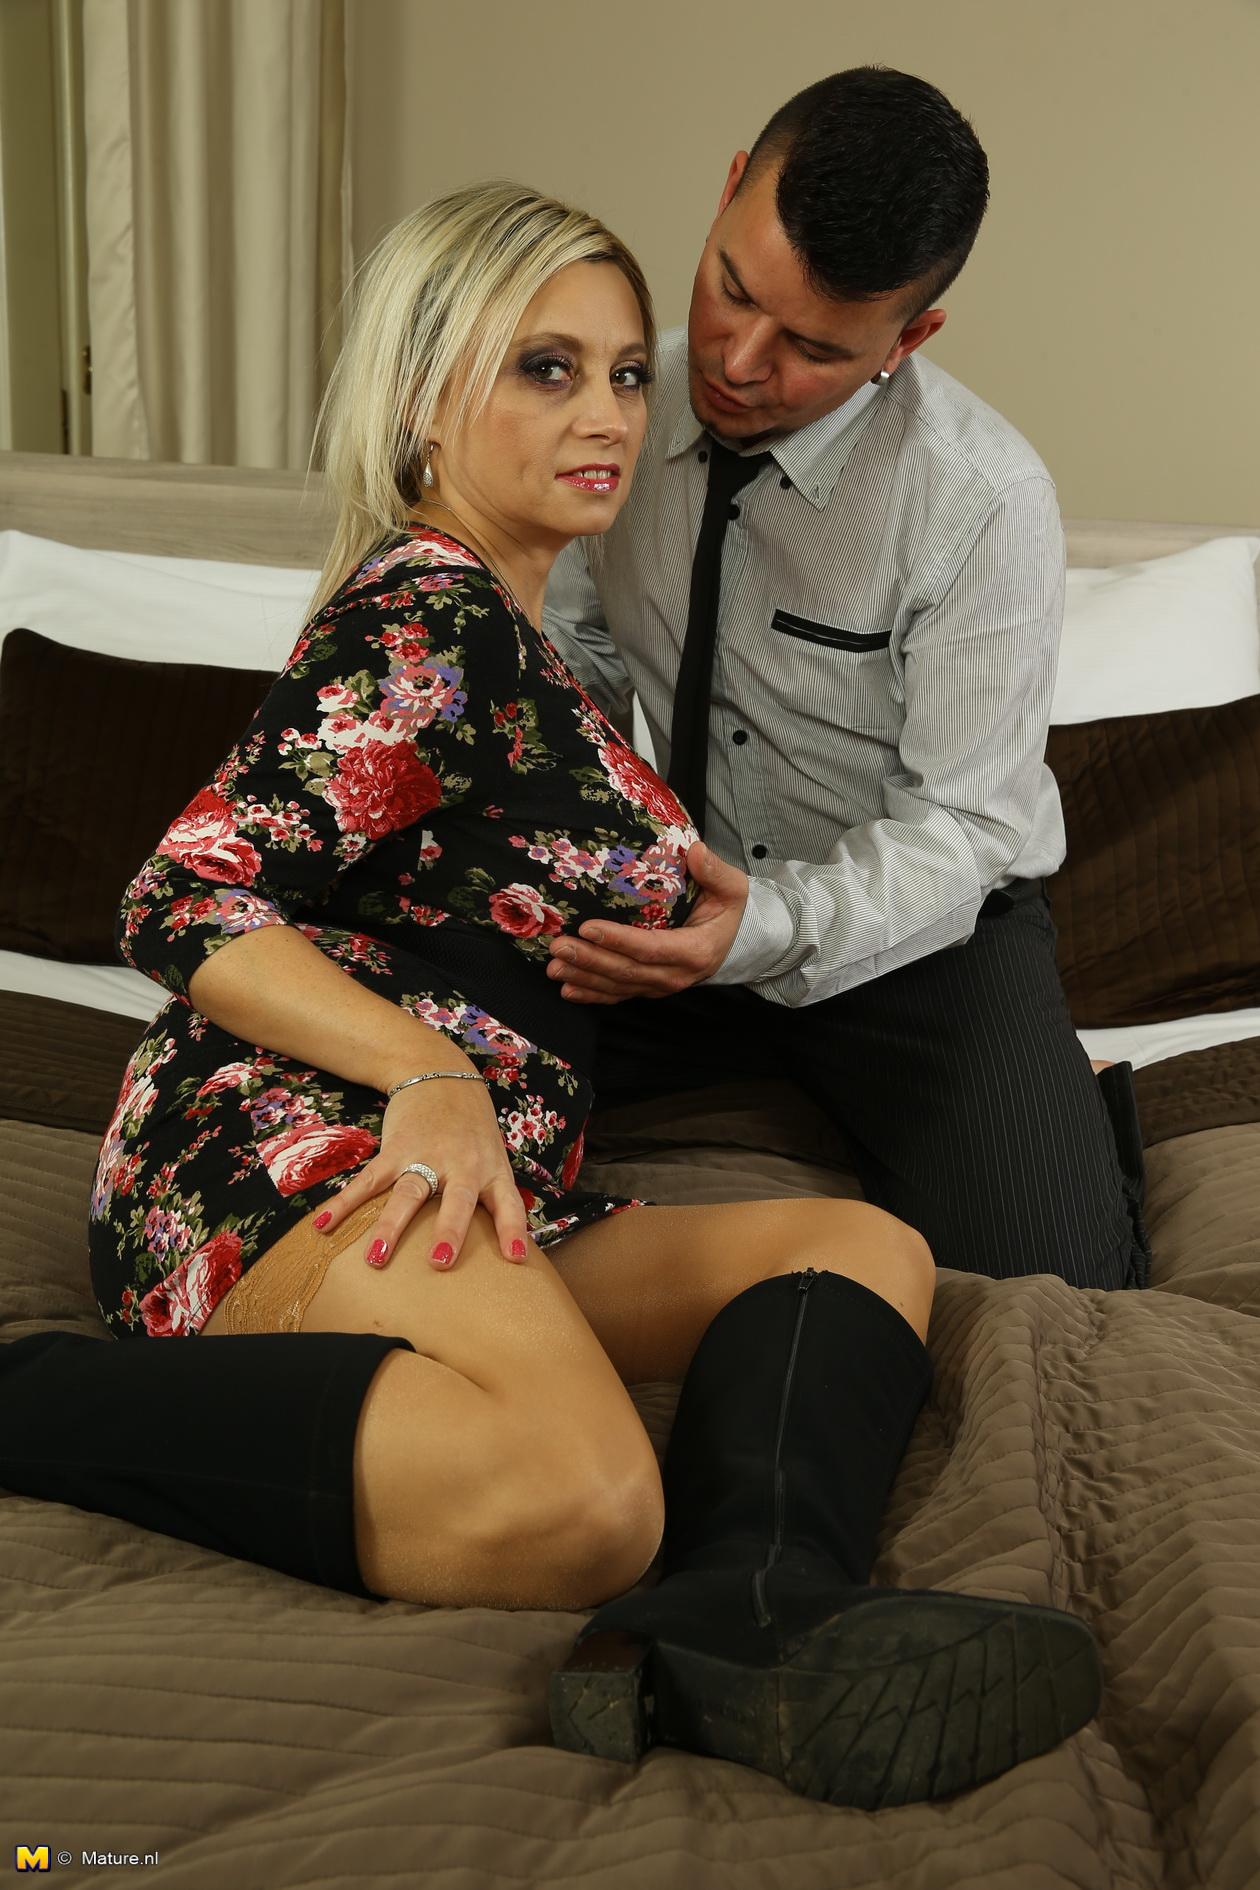 milf prostitute #3